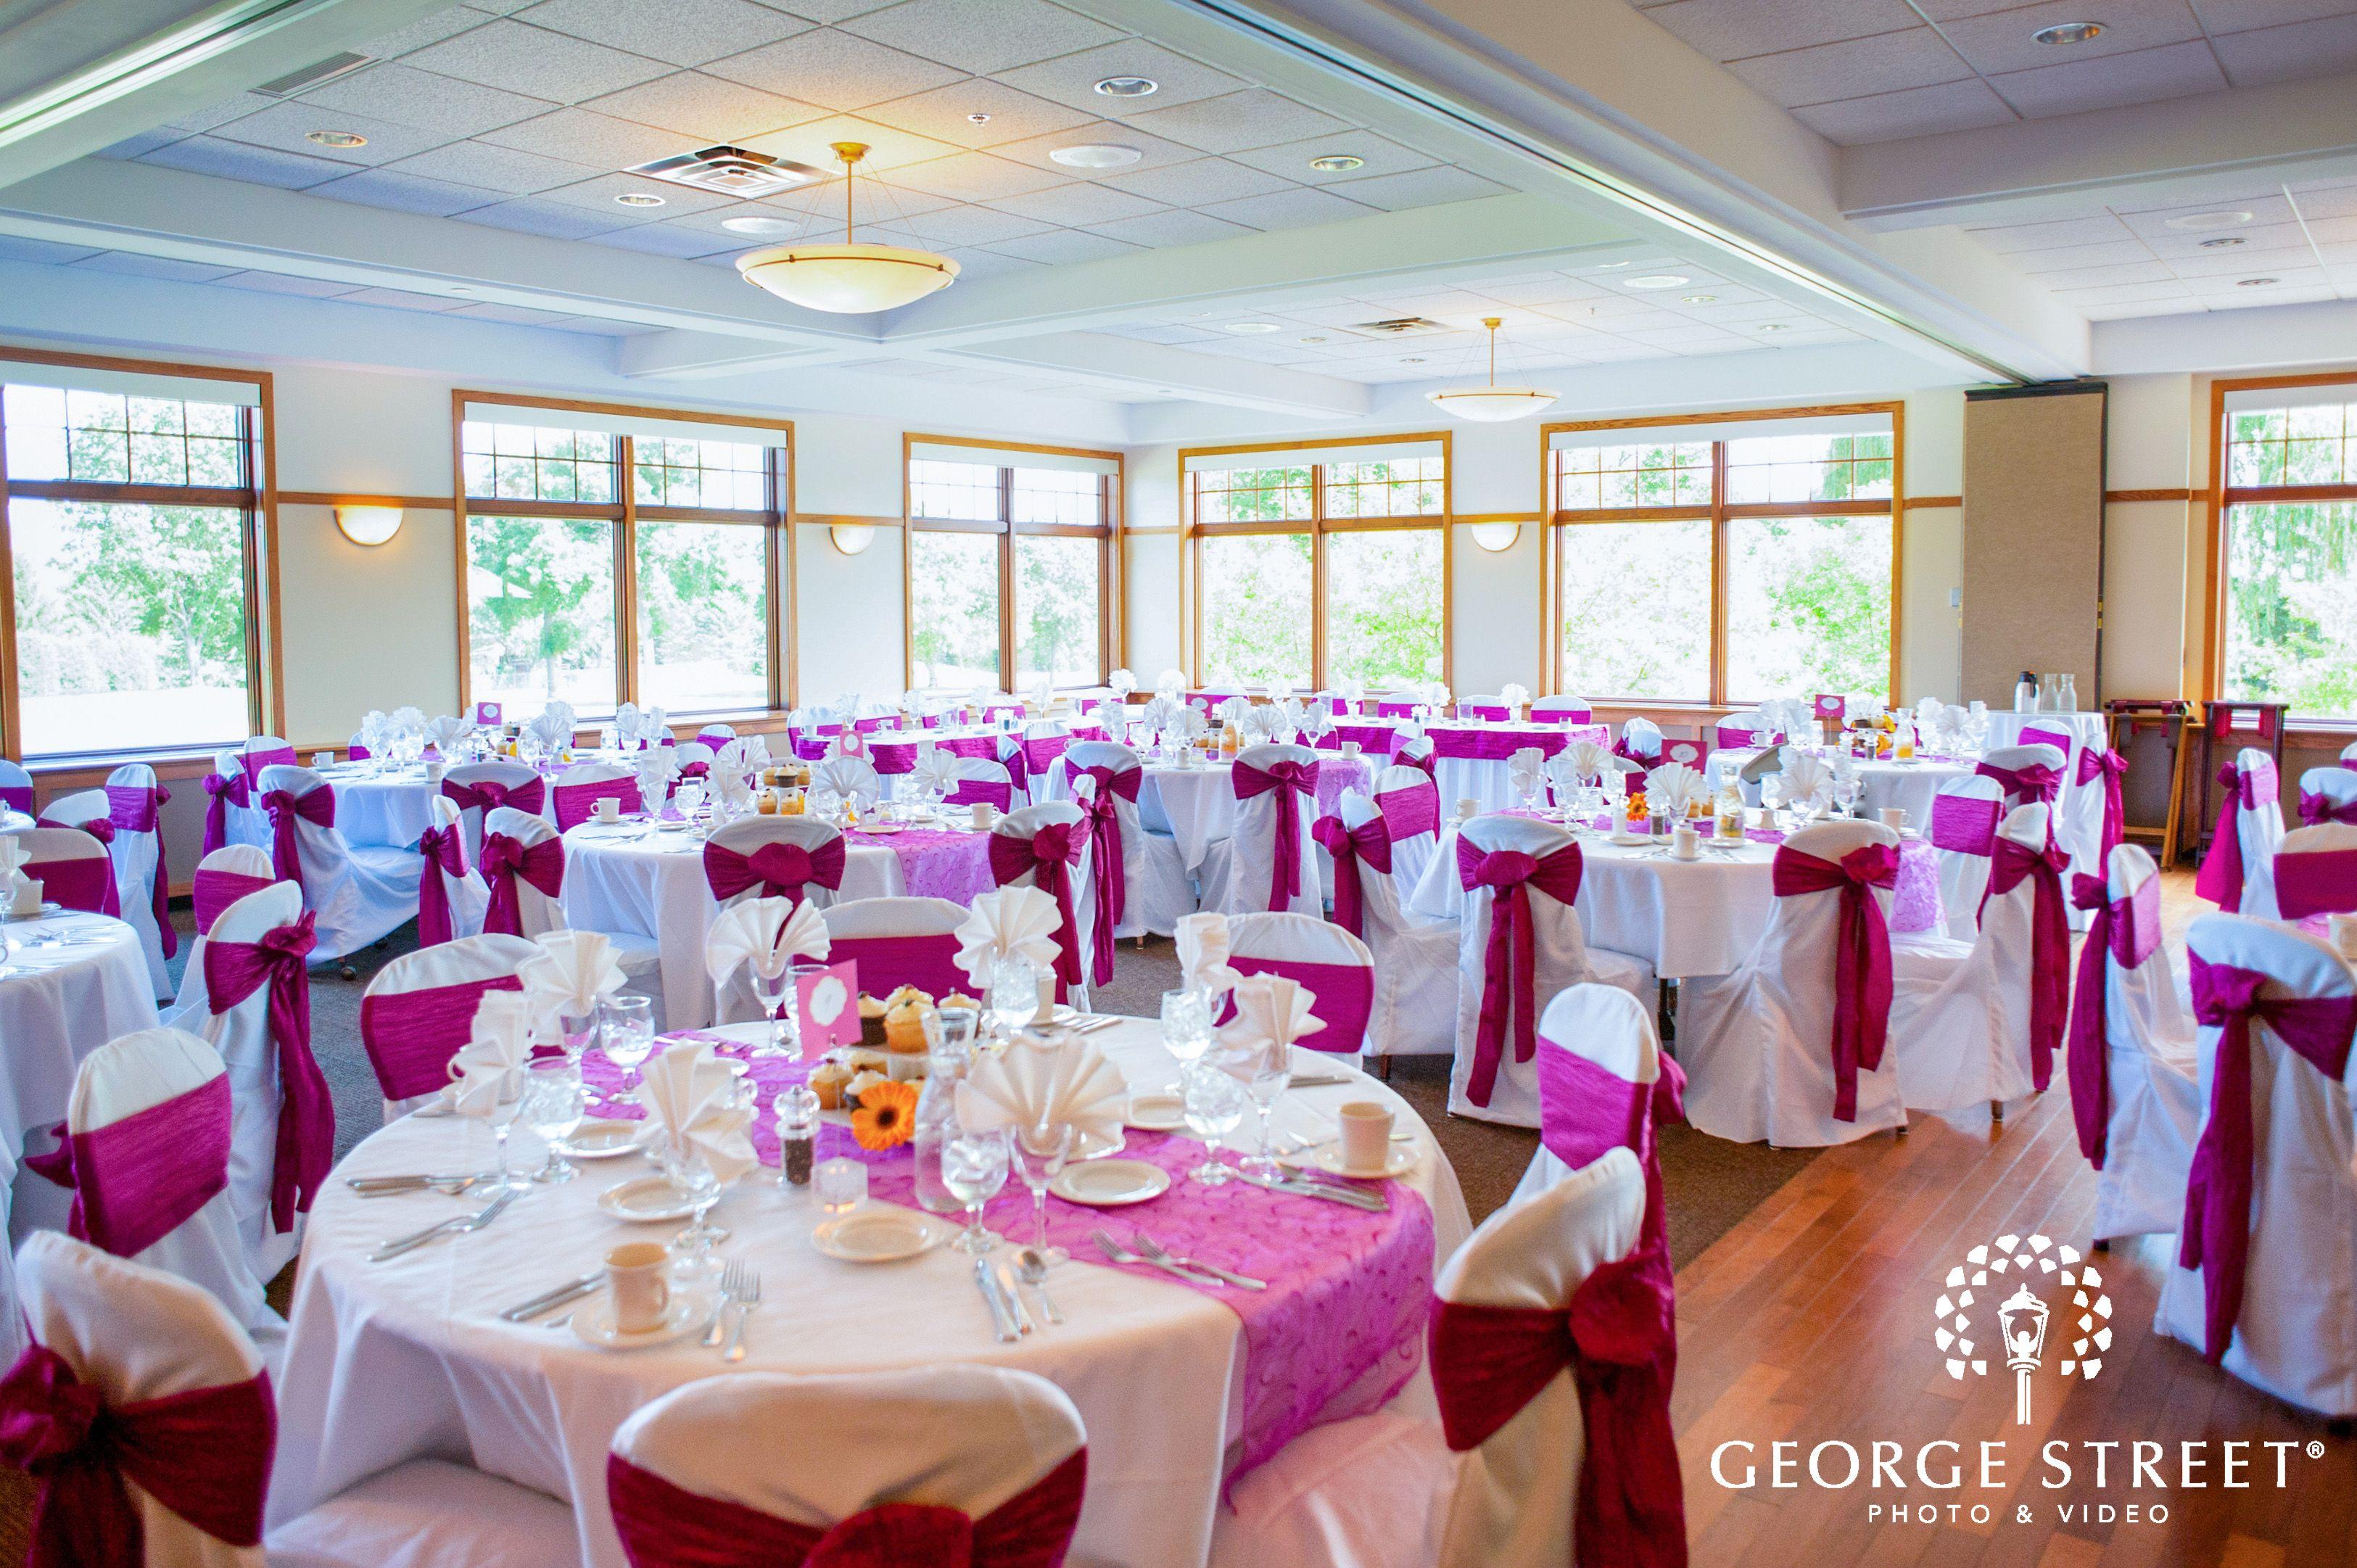 Fall wedding reception decor  Olympic Hills Golf Club  Minneapolis Olympic Hills Golf Club